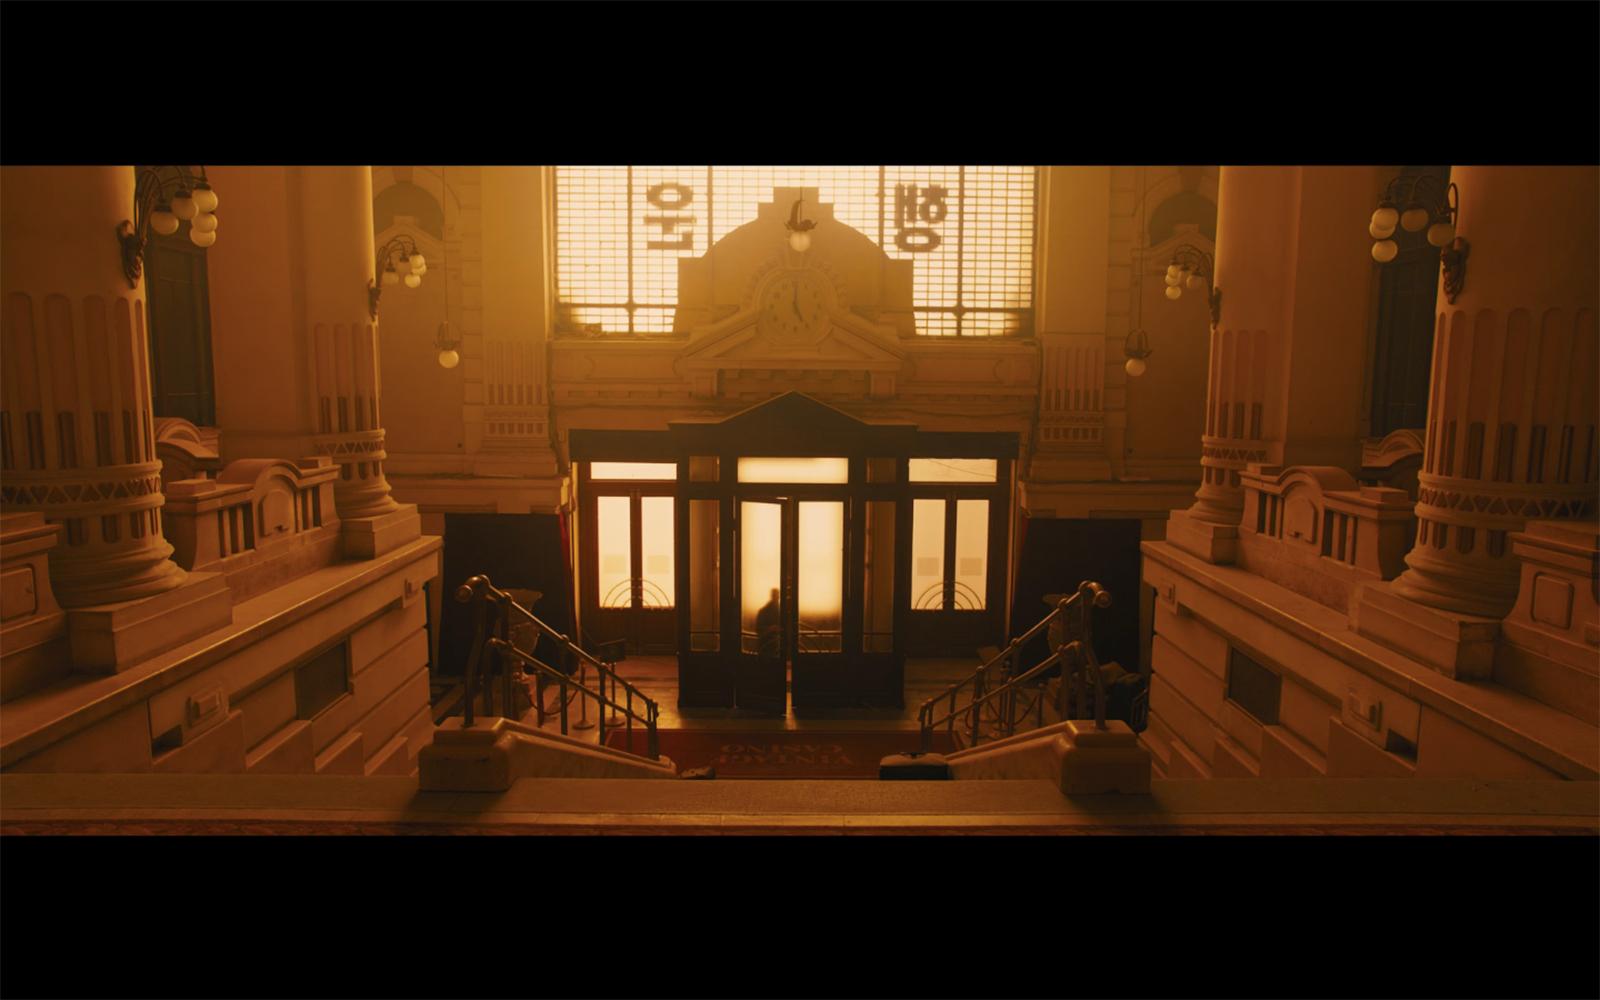 Budapest Stock Exchange, Blade Runner 2049